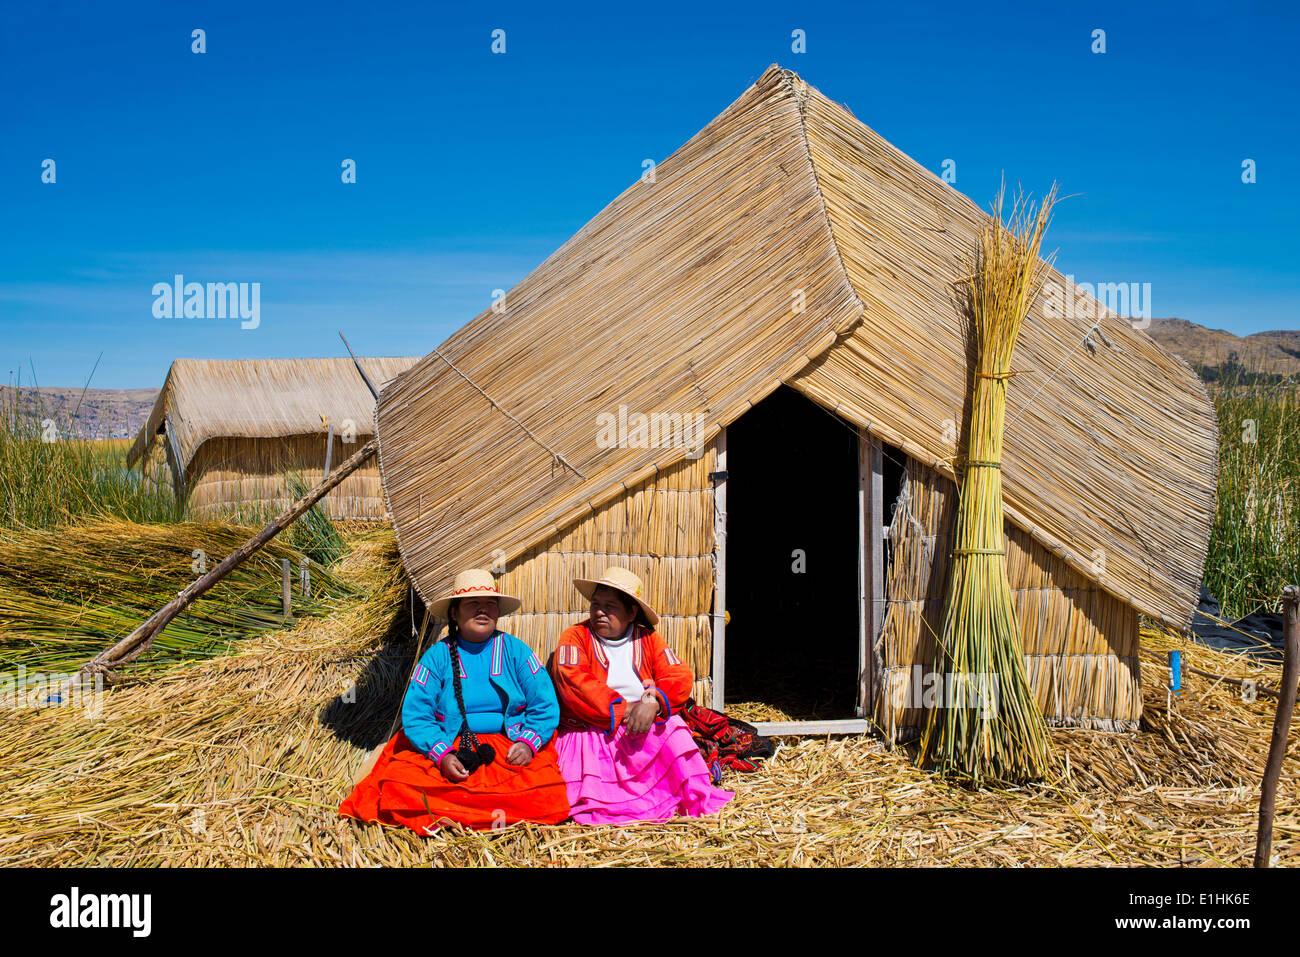 Due donne di Uro indiani indossando vestiti tradizionali seduti davanti ad una capanna di reed, isole galleggianti Foto Stock